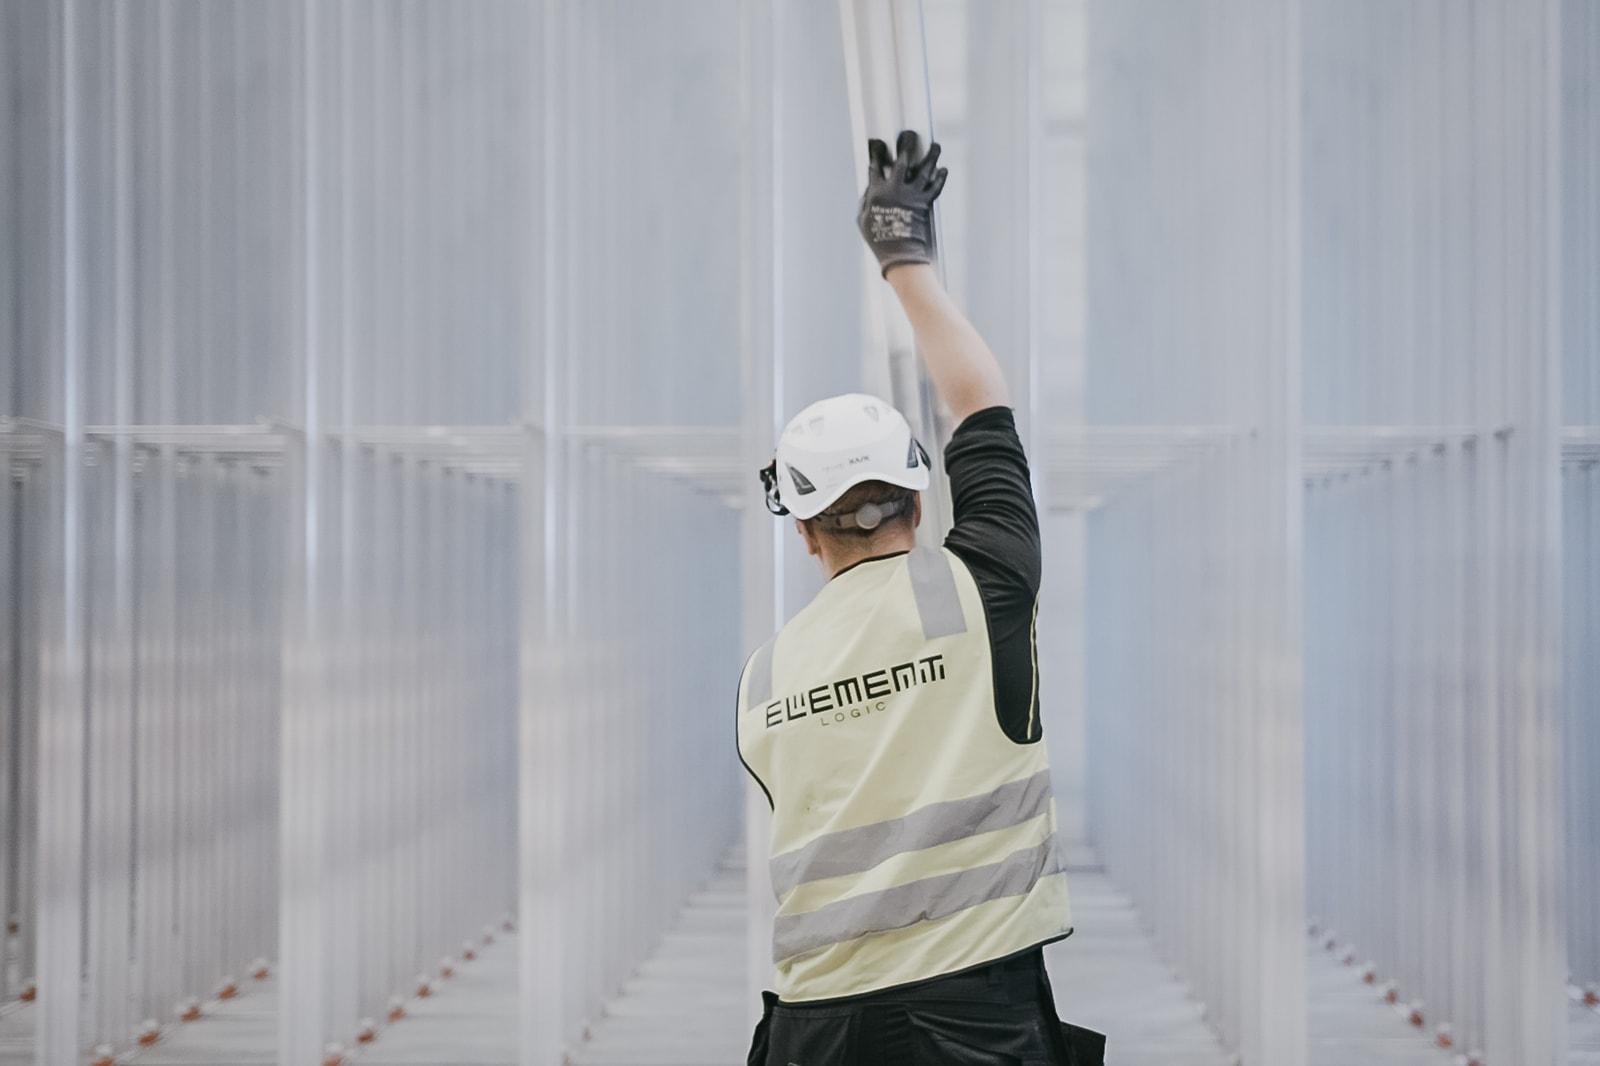 Een man met een helm en een geel vest bouwt het AutoStore-raster op van aluminium pilaren.